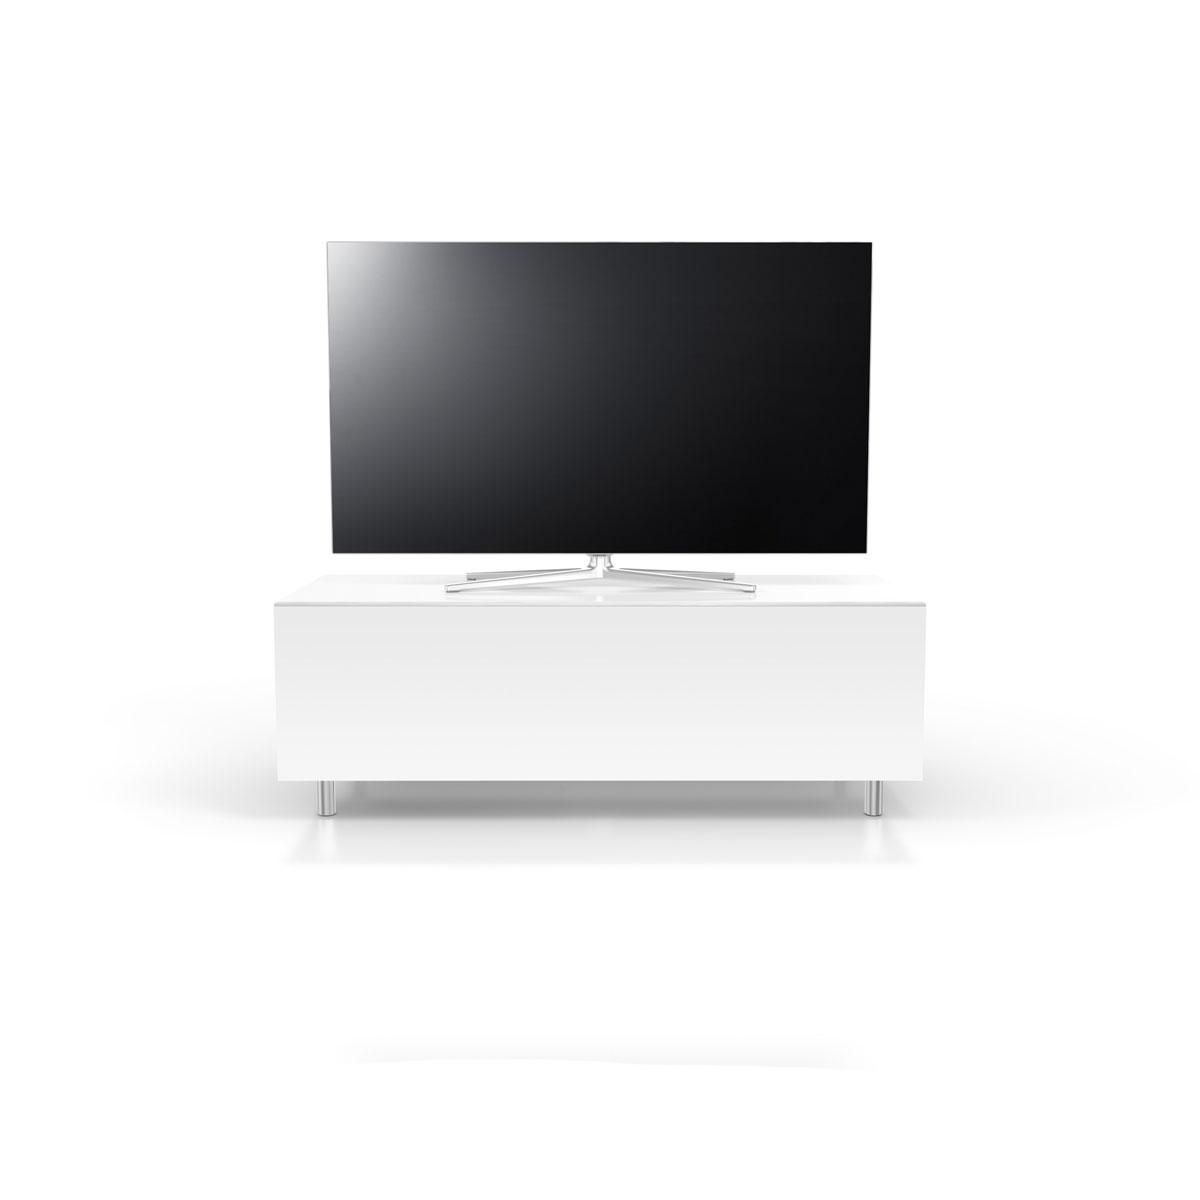 TV Lowboard verglast mit Klappe. Kratzfest extrem stabil. Verdeckte Kabelführung. Modell JRL 1100S von Just Racks.